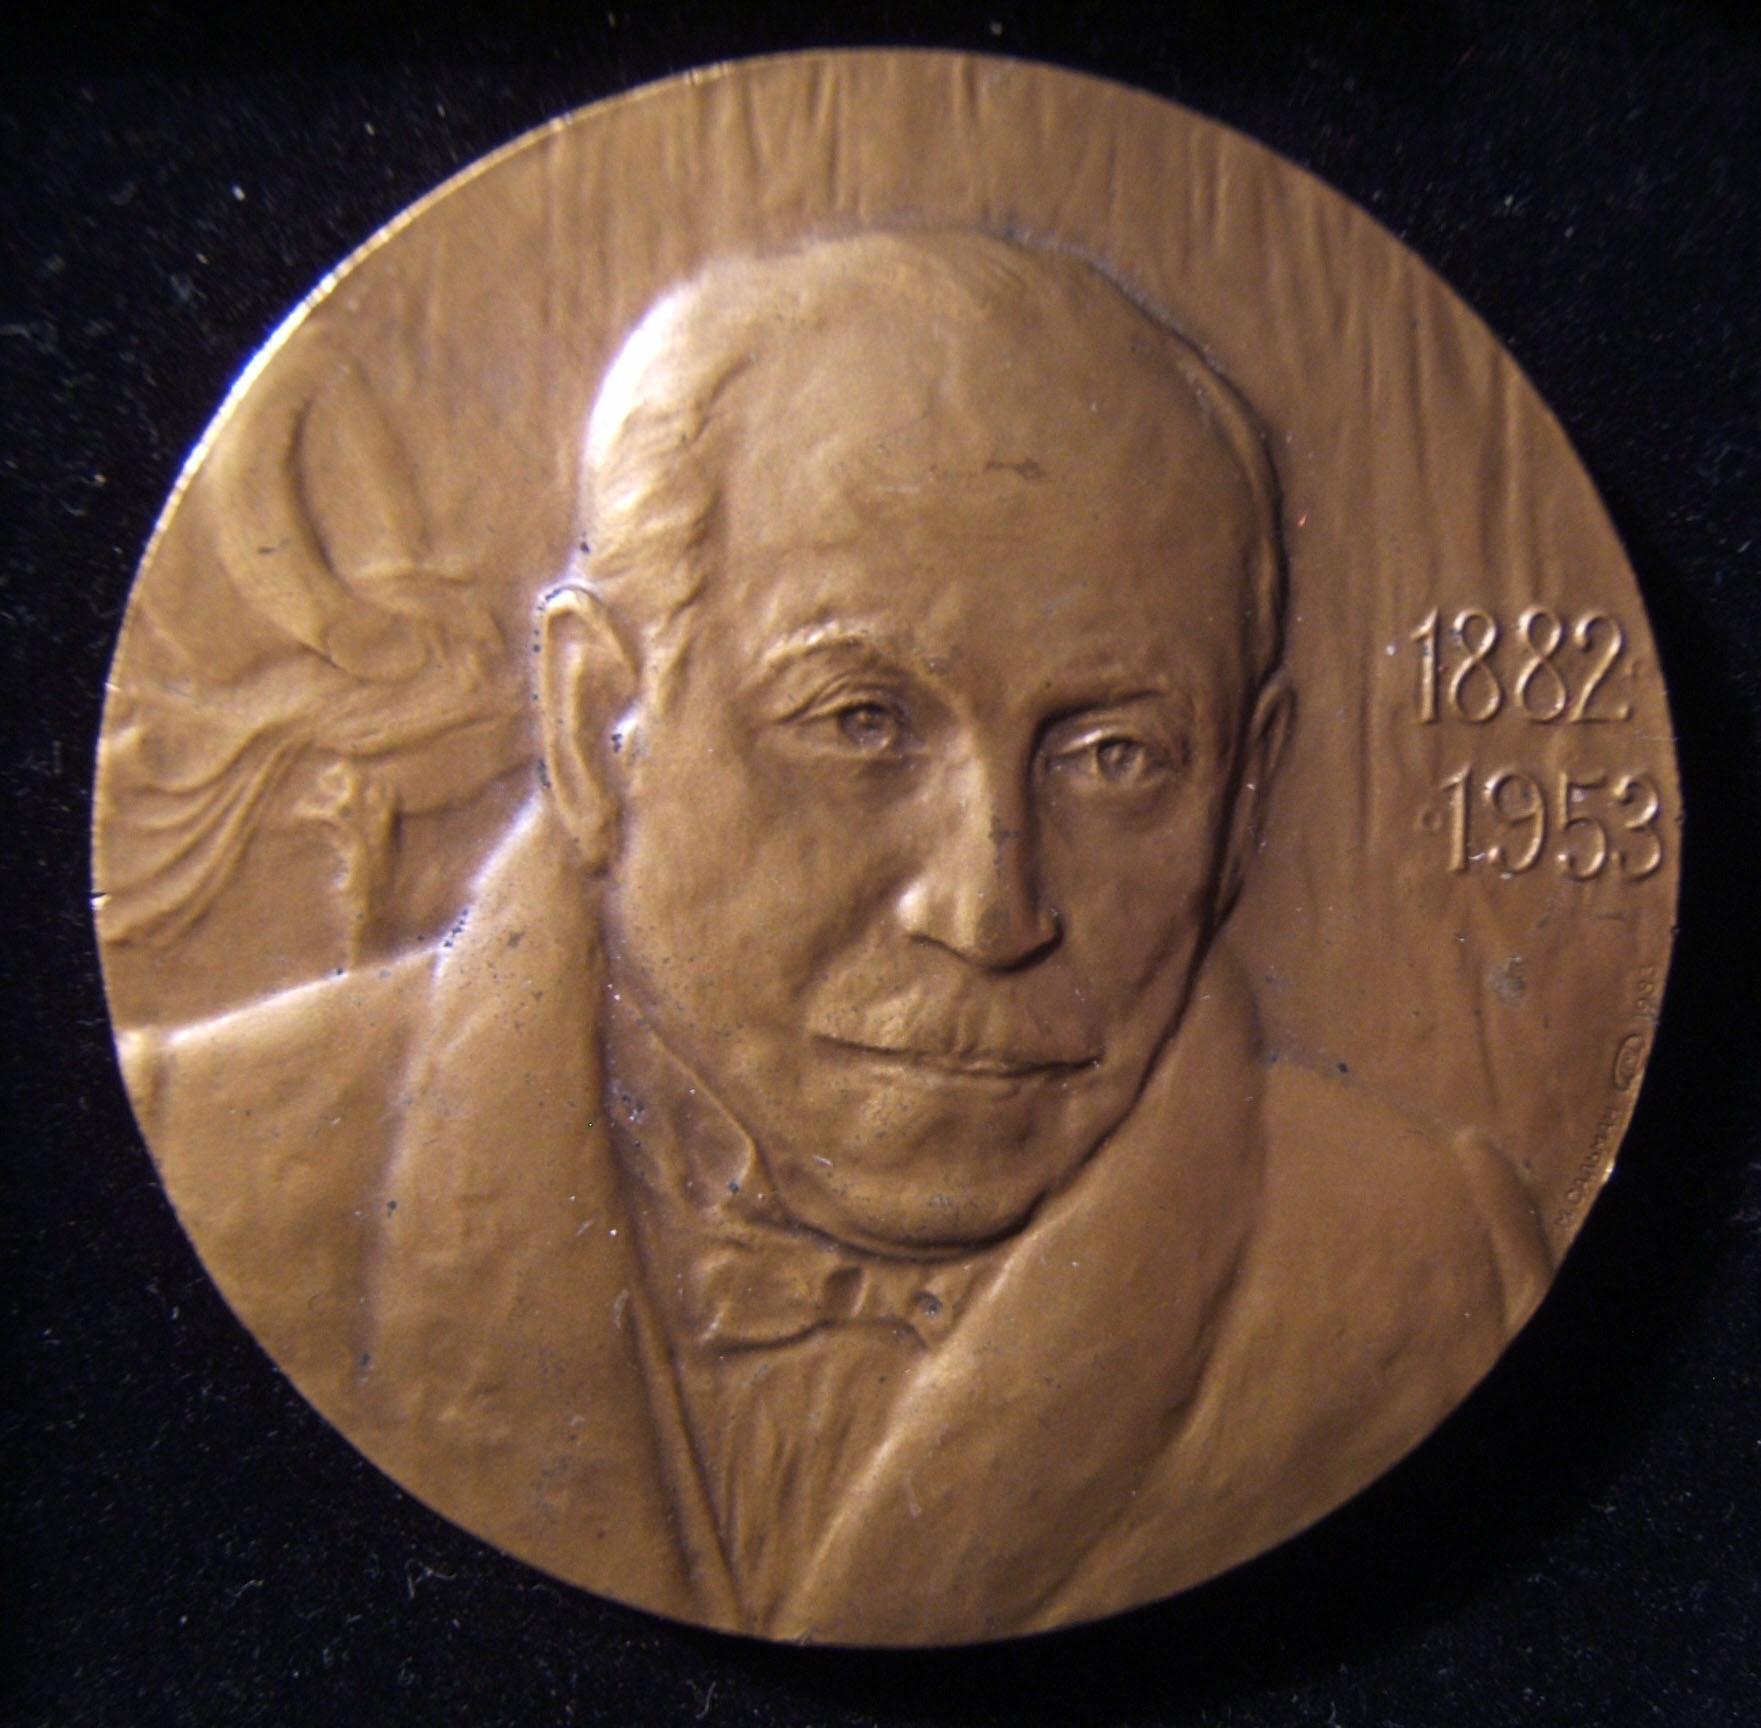 אמרייך הרוסי קלמן מדליית יודאיקה על ידי מדליסט יהודי מארק סלמן 1983